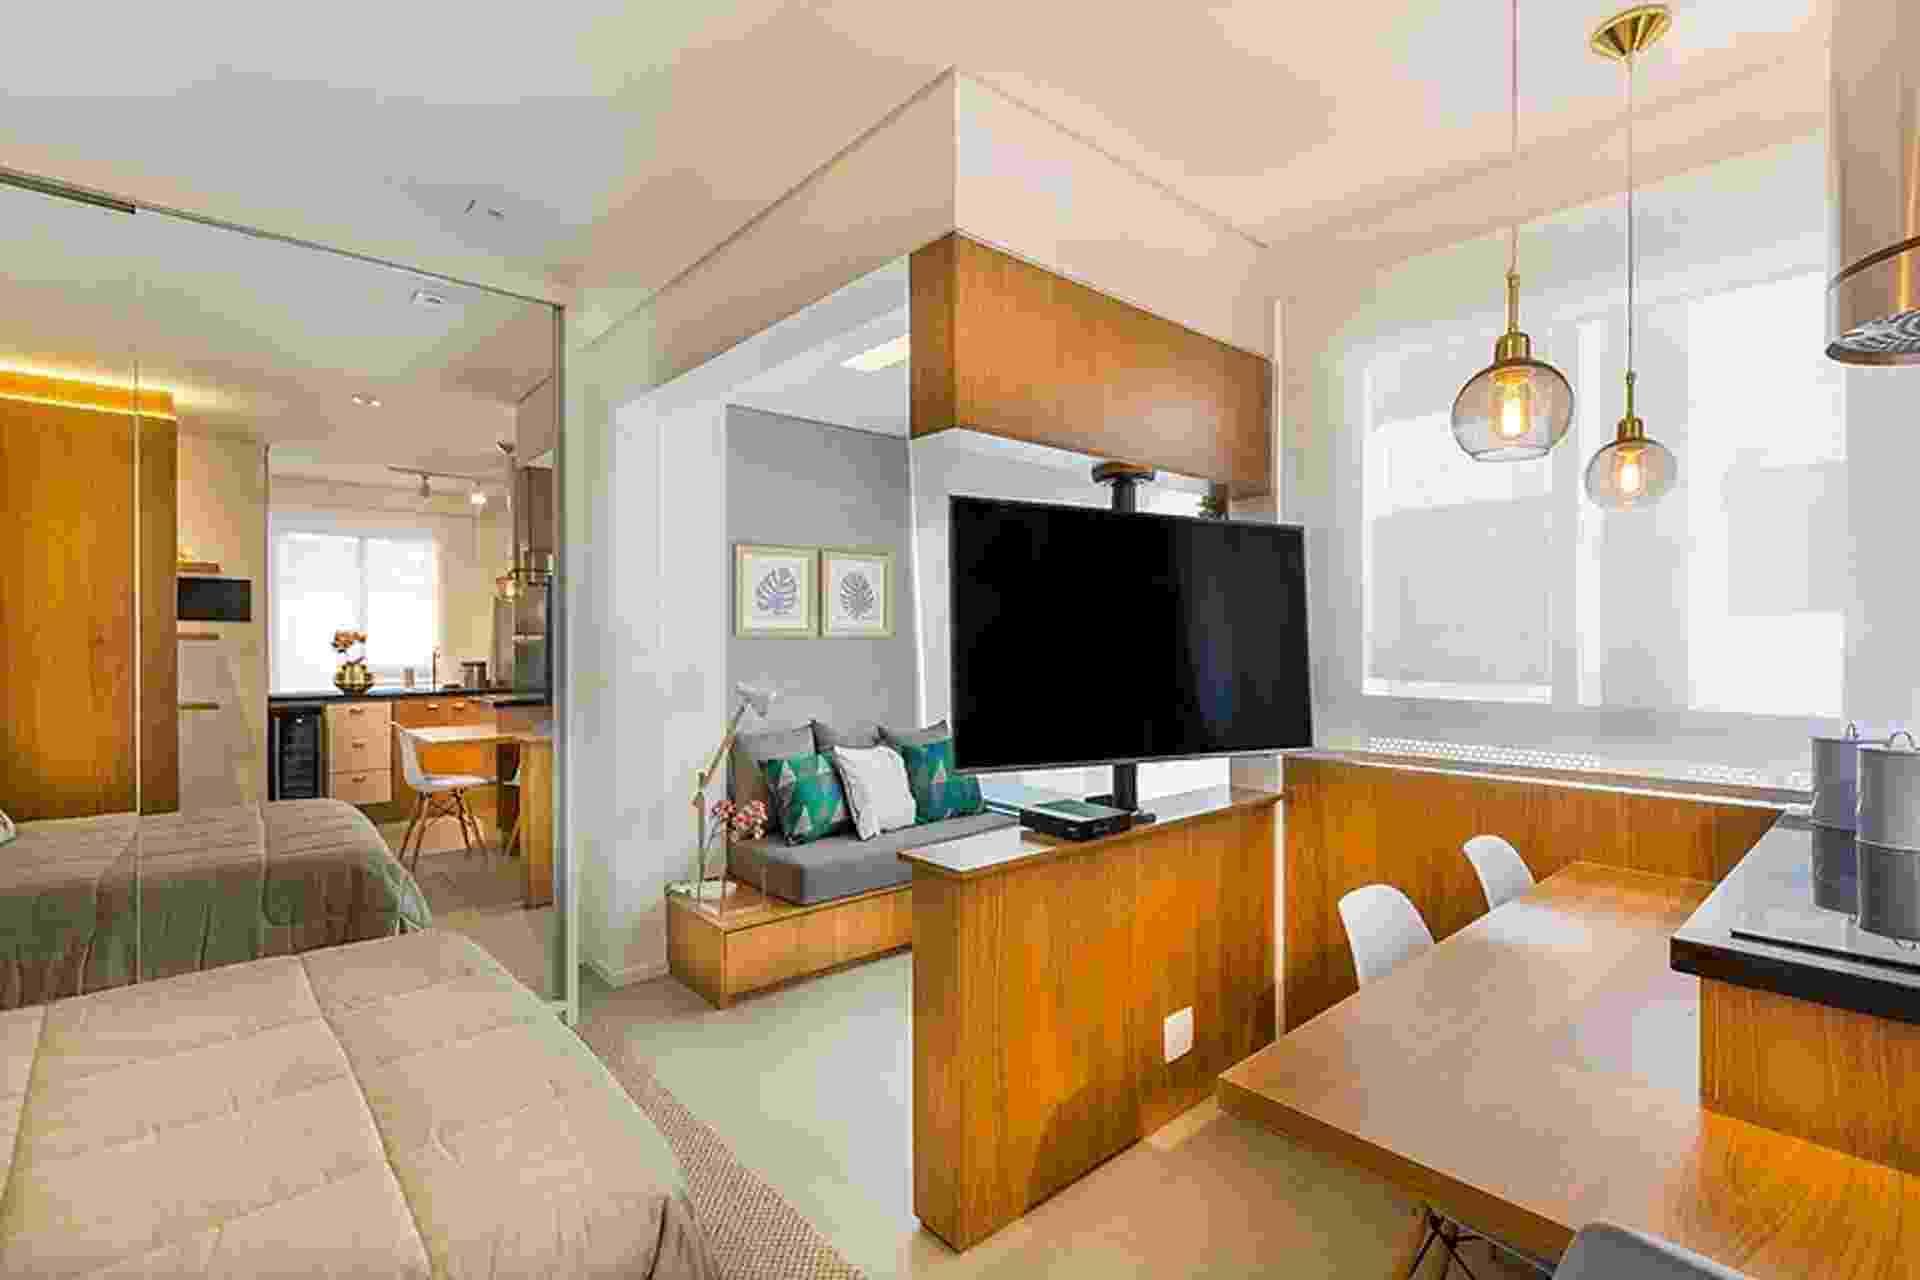 Sem paredes para dividir os 32 m², Fernanda Sebrian e Gabriella Amadei, da AS Design Arquitetura, precisaram resolver onde apoiariam a TV. A solução foi uma coluna feita de marcenaria que apoia o aparelho e permite que ele gire em 360º. Dessa forma, sala, quarto e até cozinha são contemplados - Samuel Alexandre/ Divulgação